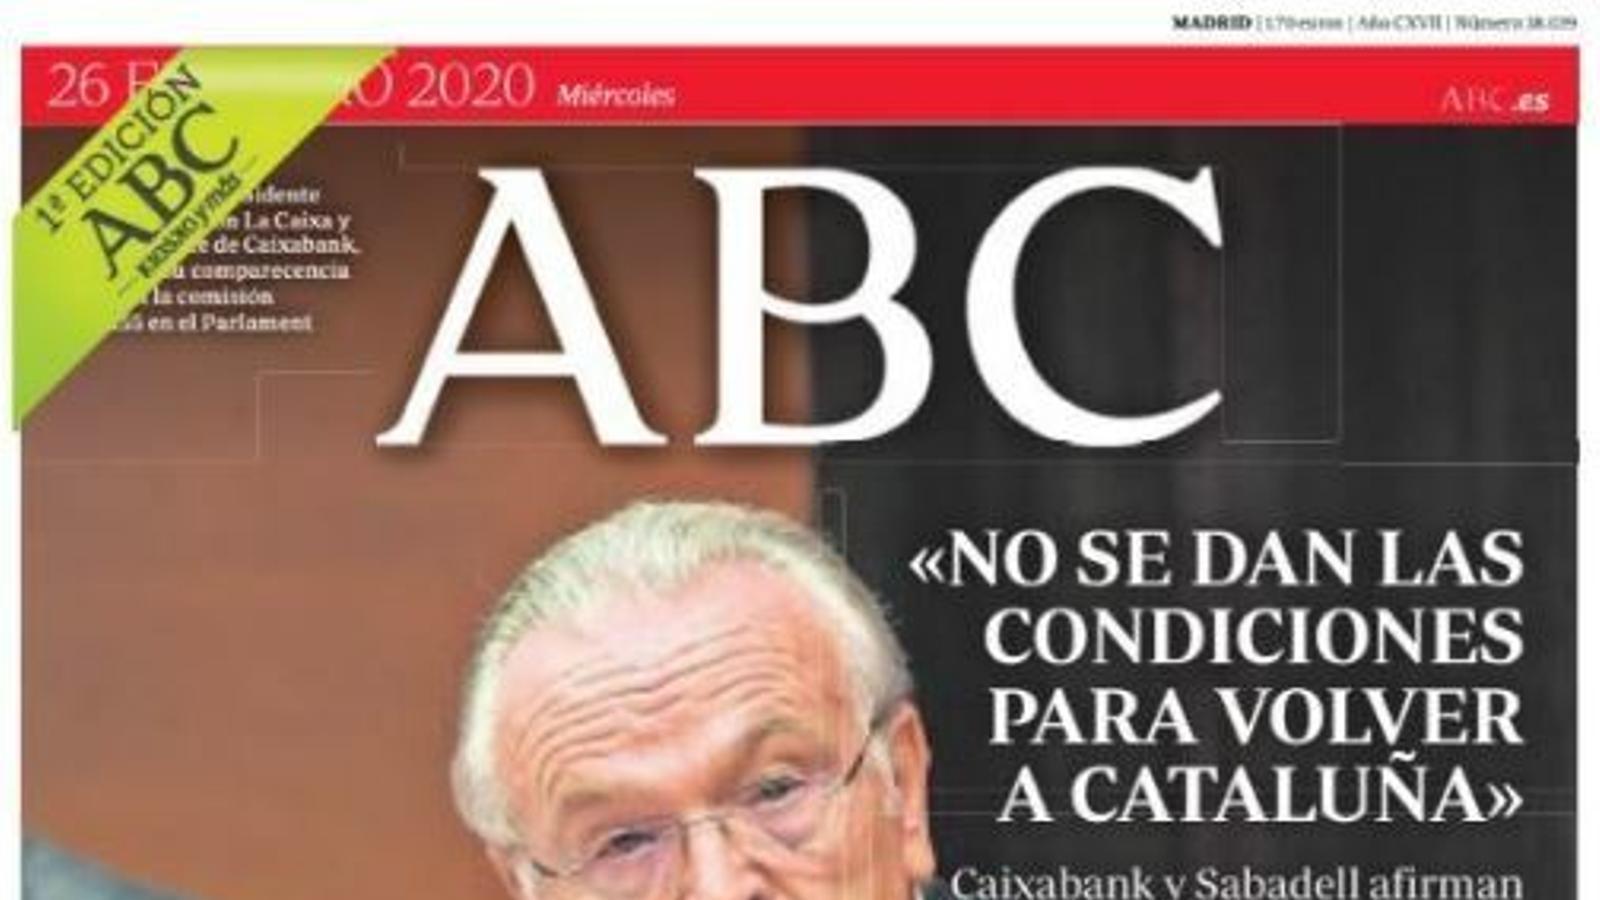 Portada de l'Abc, 26 de febrer del 2020